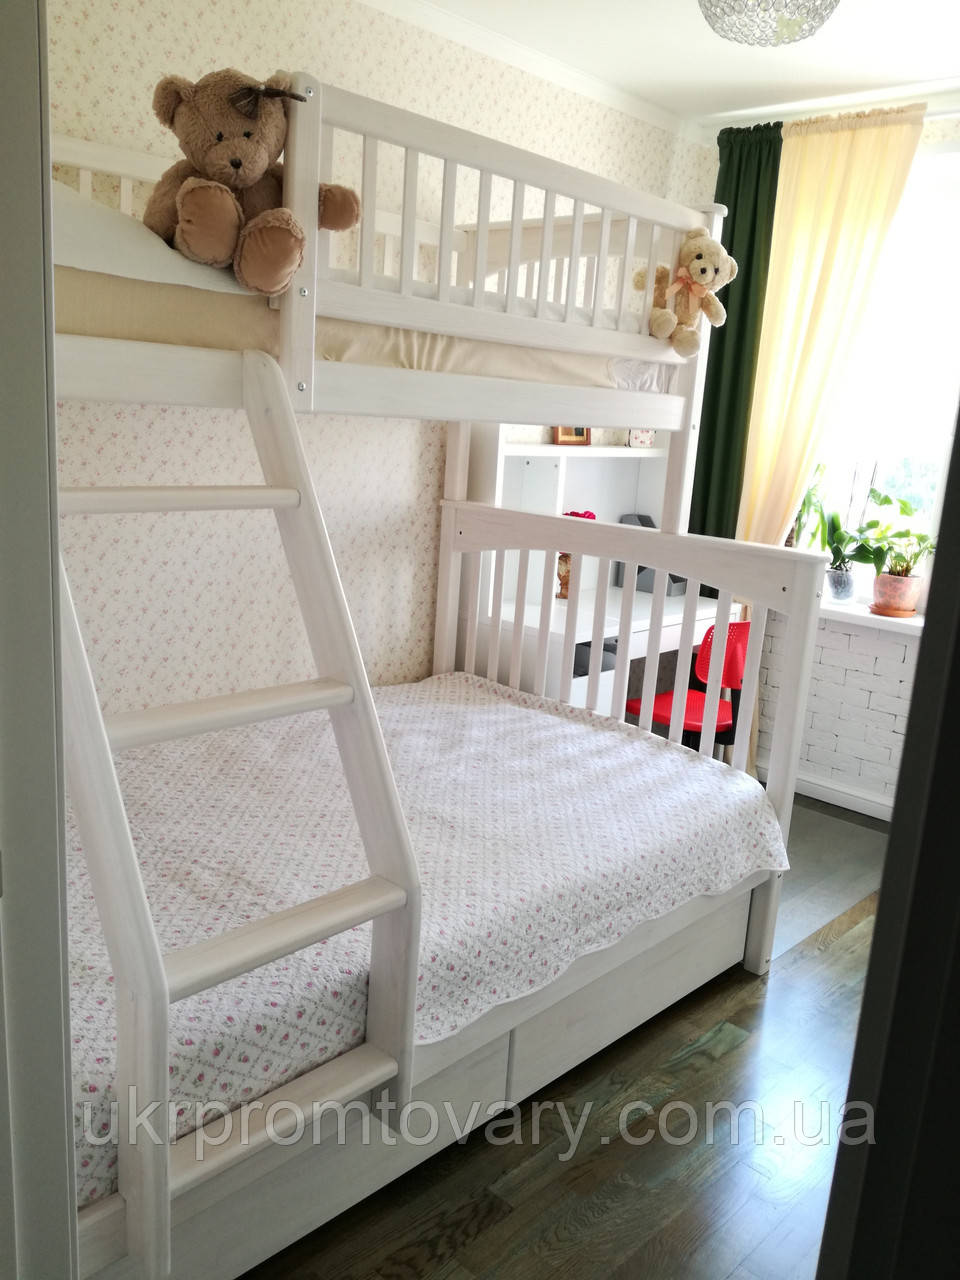 Двох'ярусне ліжко для трьох детейСоня 80*200/120*200, ясен в Києві, натуральне дерево, якість